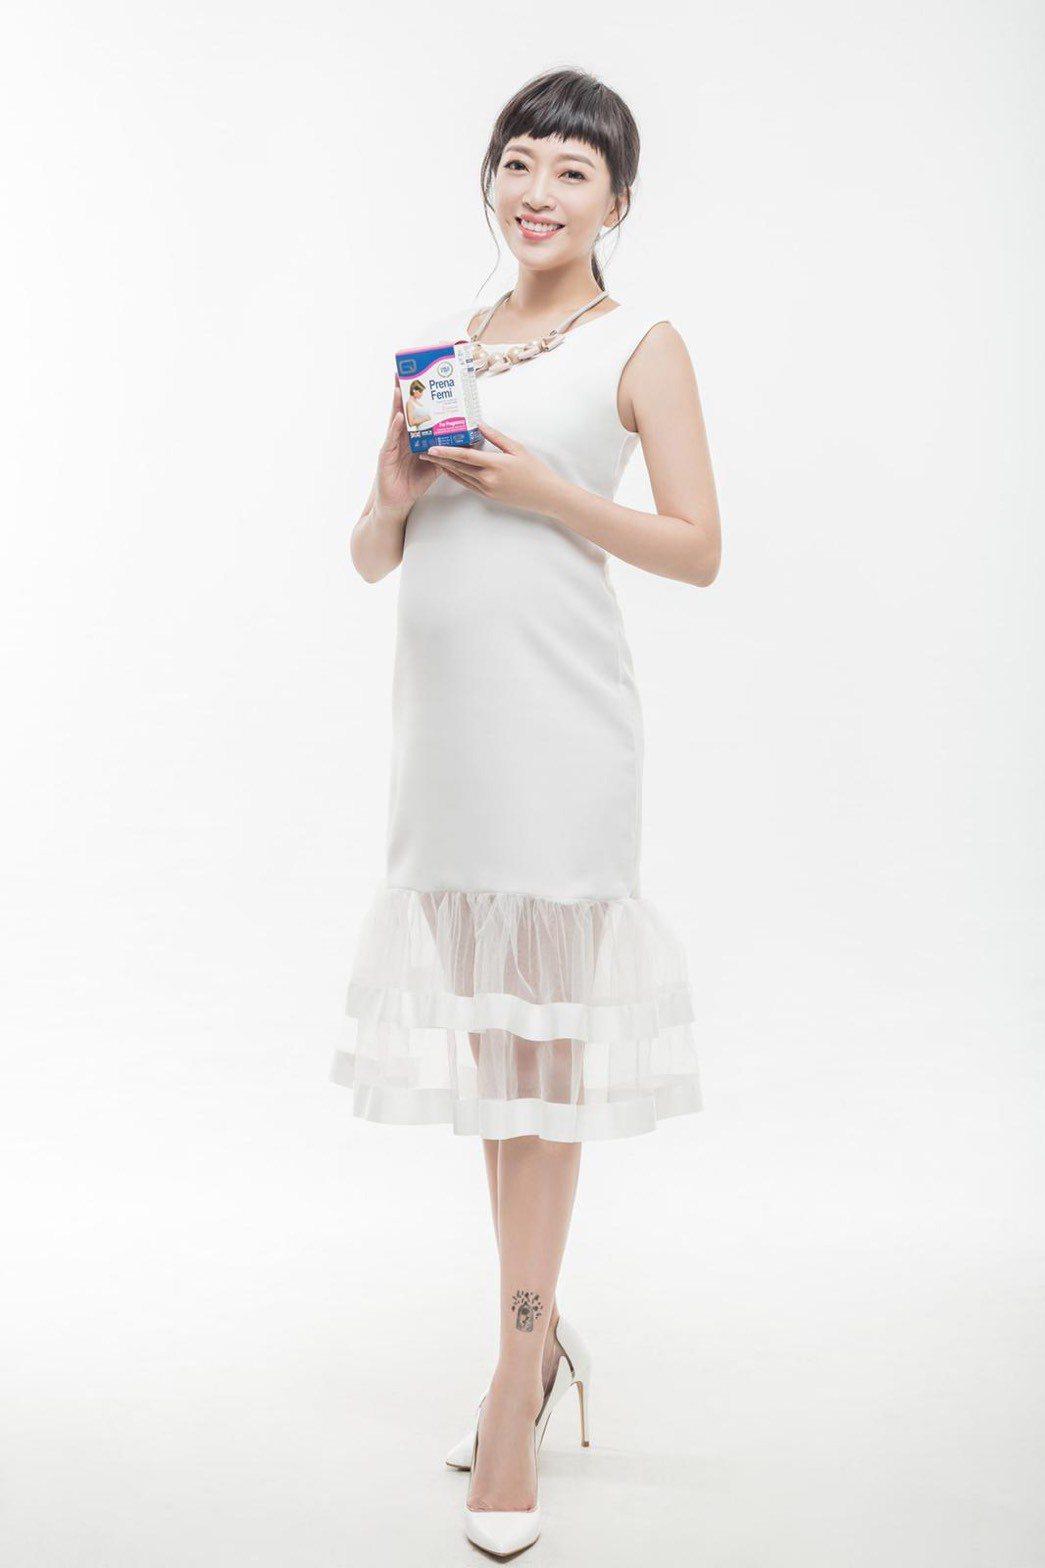 貝童彤的好身材也是吸引廠商的原因之一。圖/星恆娛樂提供